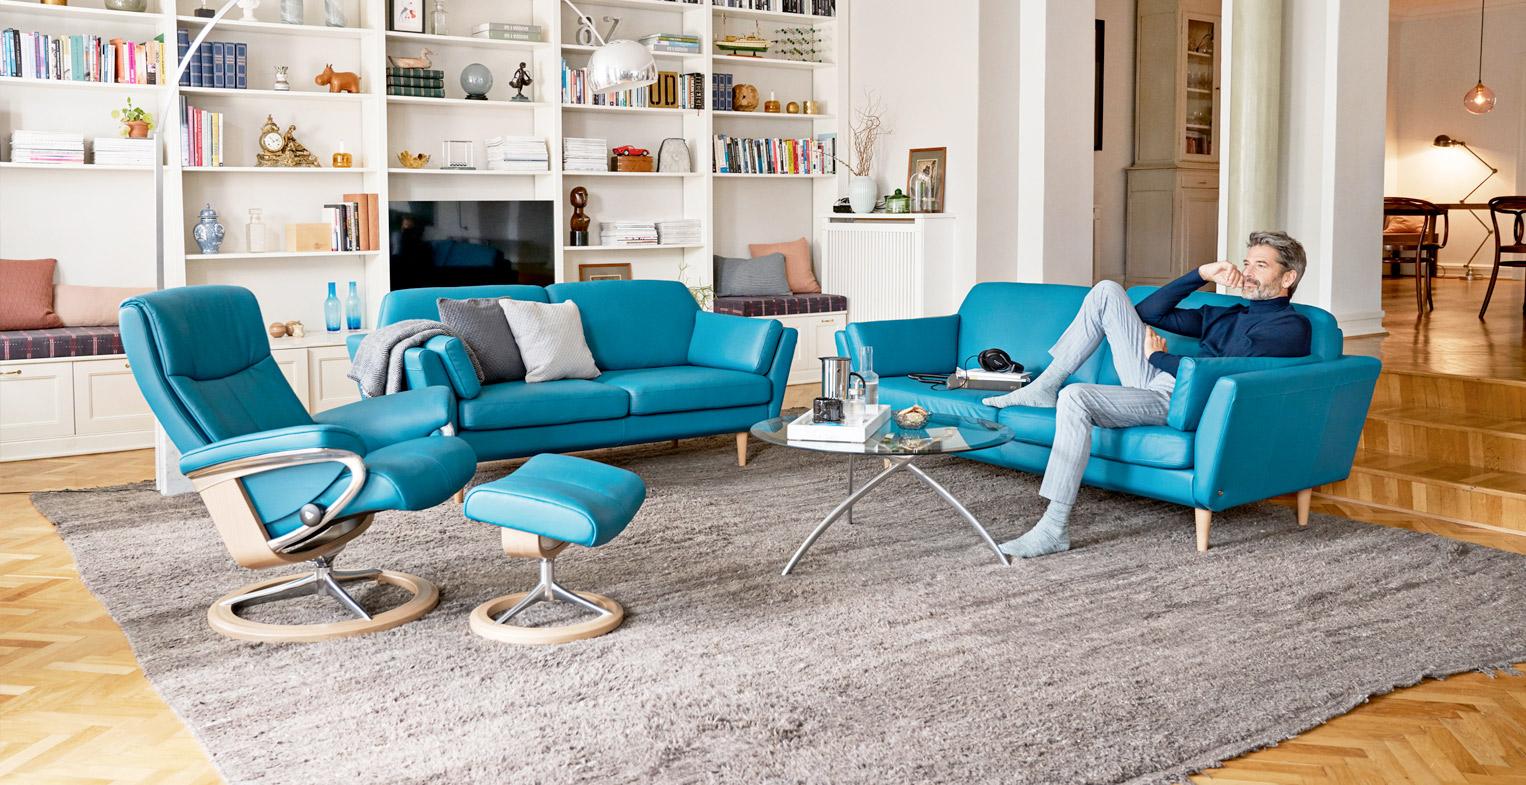 Danske Mobler Taupo Nz Made Furniture Living Lounge Beds Bedroom Dining Home Styling